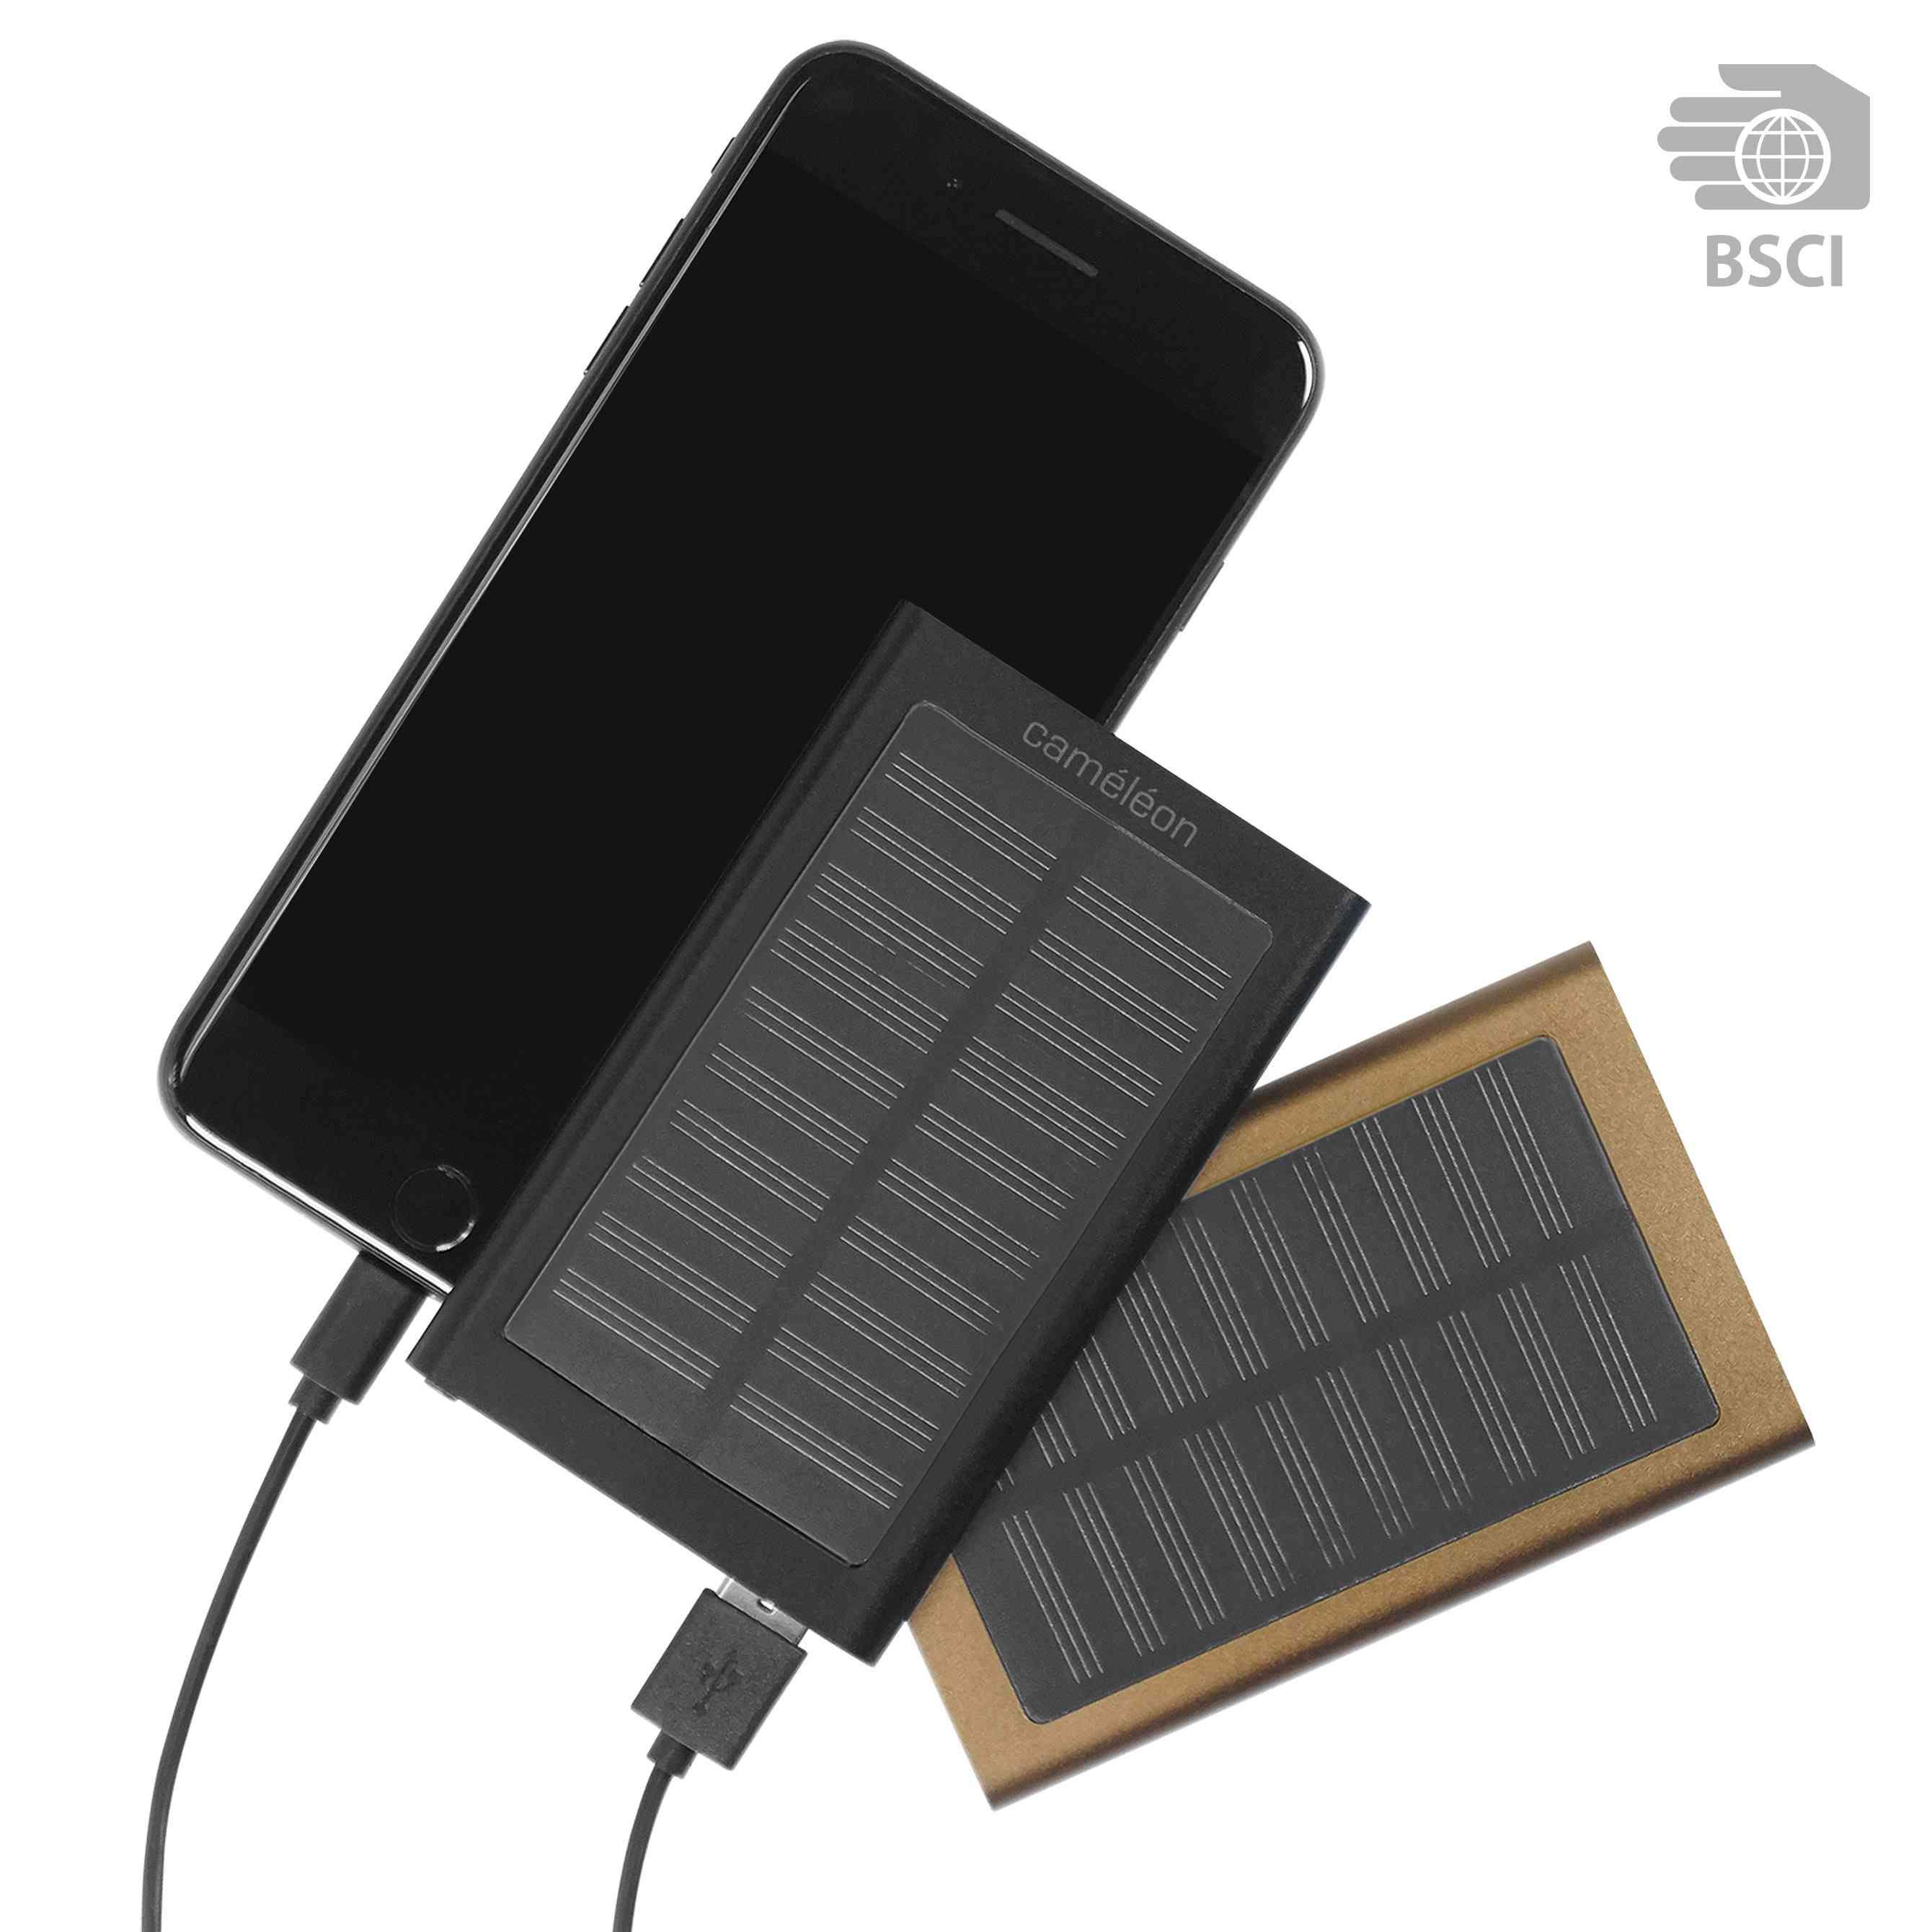 Chargeur solaire publicitaire Solalu - Chargeur smartphone publicitaire